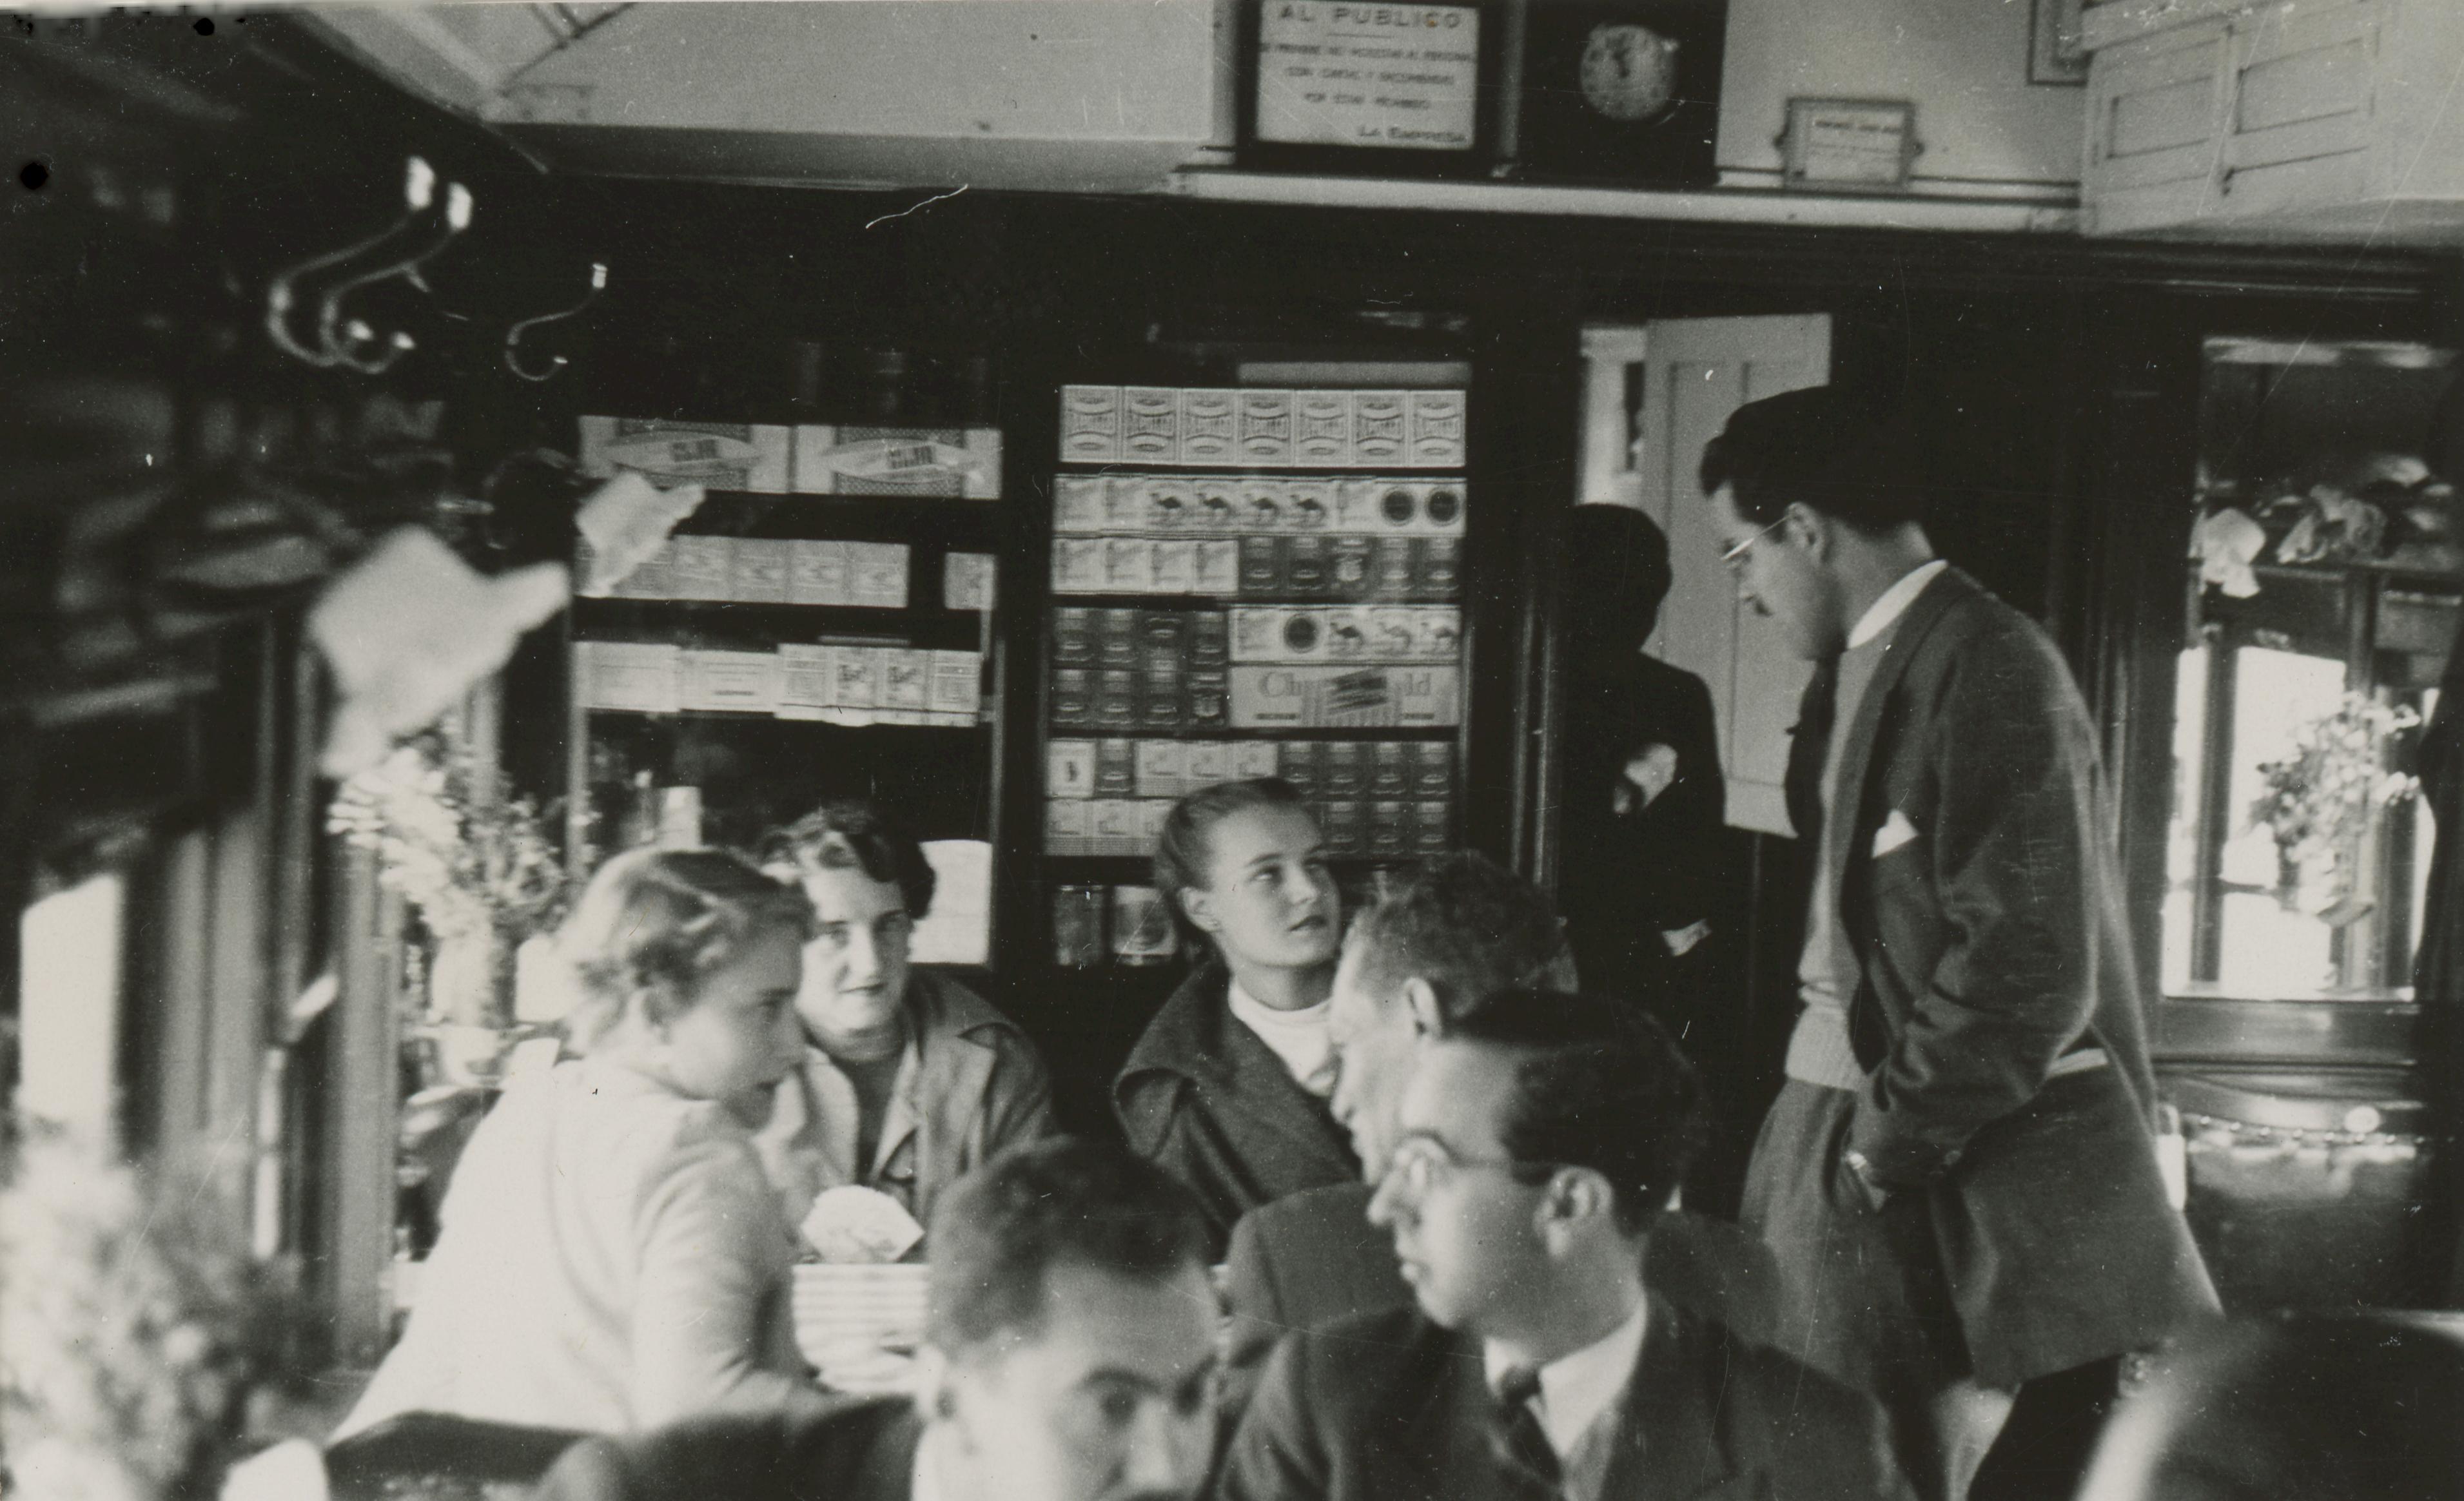 Enterreno - Fotos históricas de chile - fotos antiguas de Chile - Tren Trasandino, Antofagasta en 1950